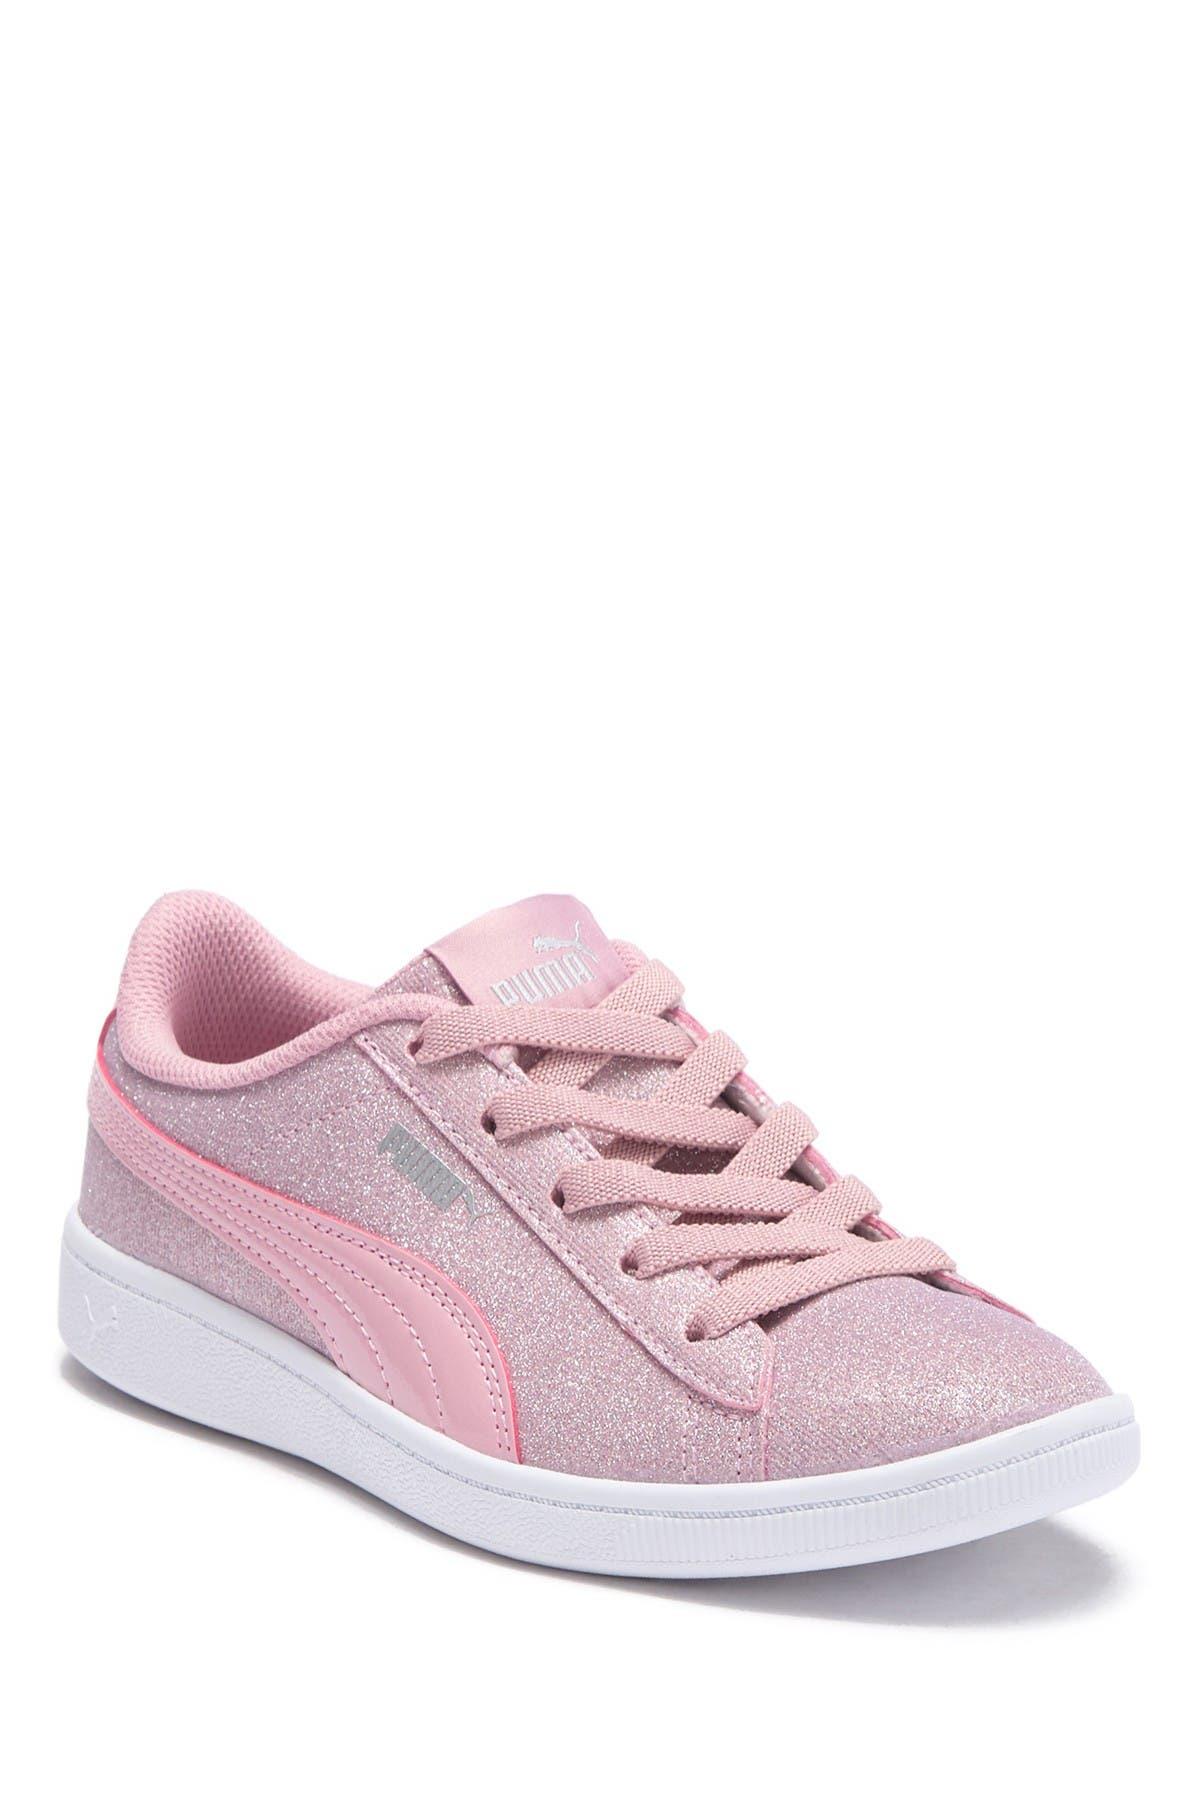 Image of PUMA Vikky Glitz Sneaker